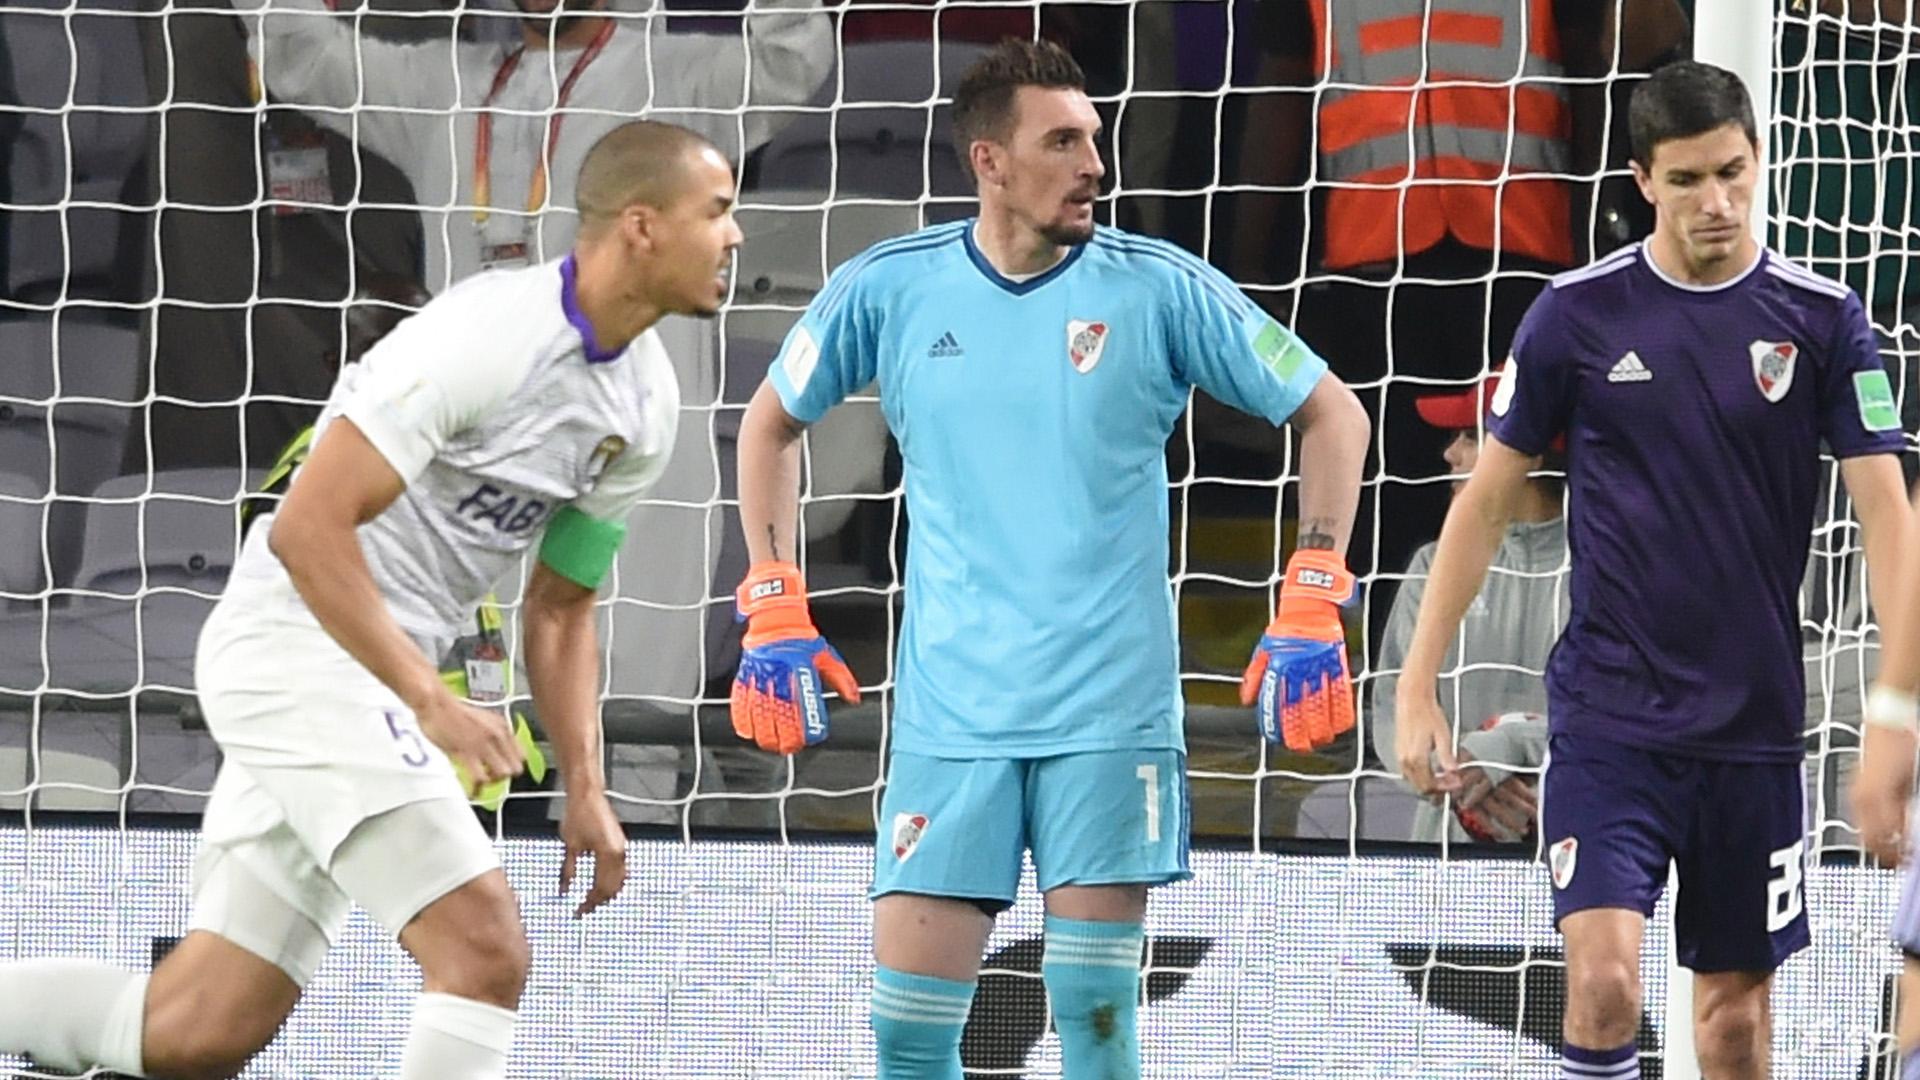 """El """"Millonario"""" no pasó de la igualdad con el equipo anfitrión en los 120 minutos: fue 2-2 en el estadio Hazza bin Yazed"""